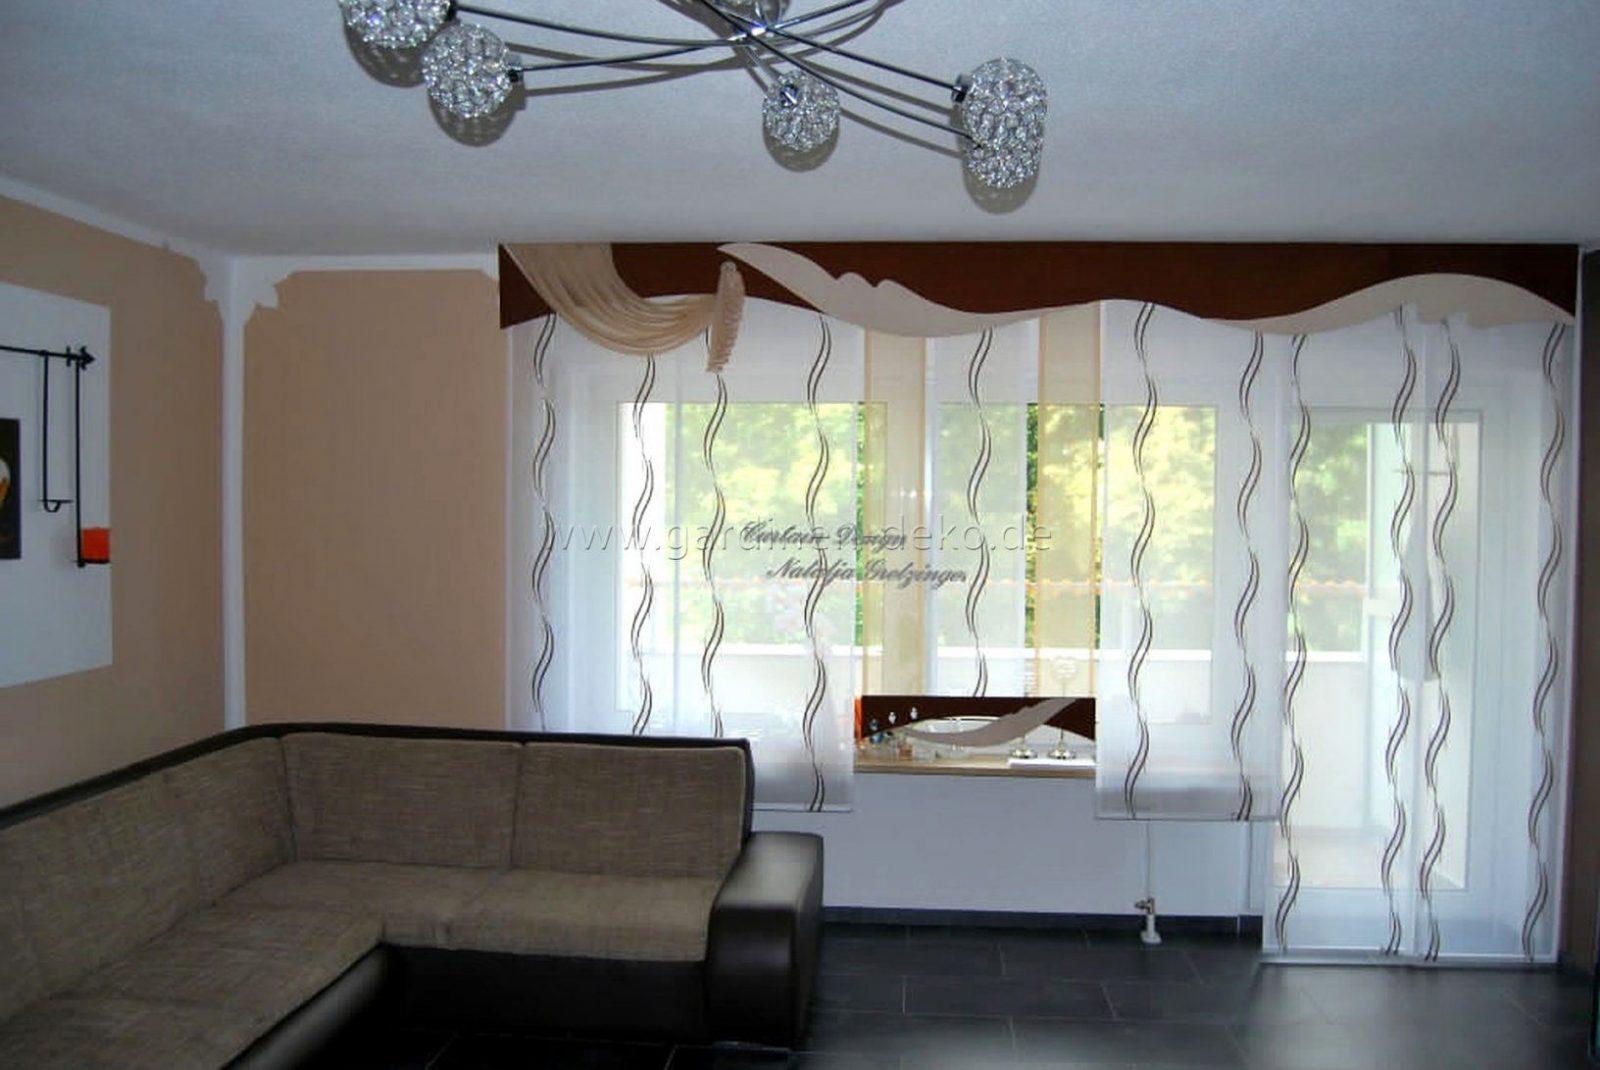 Moderne Gardinen Wohnzimmer Home Interior Minimalistisch Avec von Moderne Gardinen Für Wohnzimmer Photo